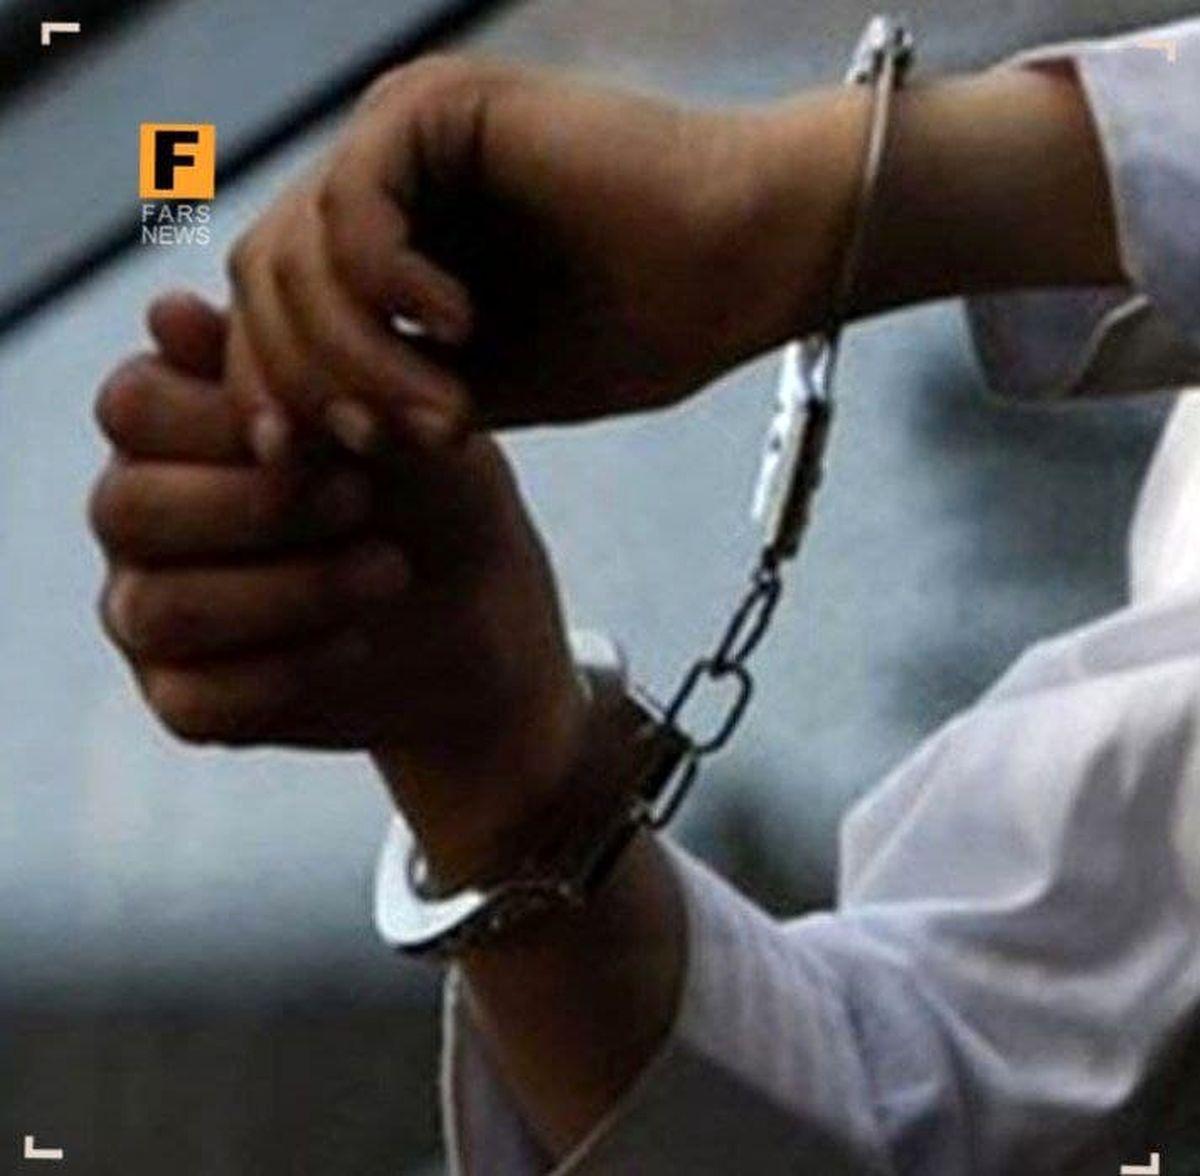 بازداشت ۴۳۳ نفر در مدیریت شهری و روستایی